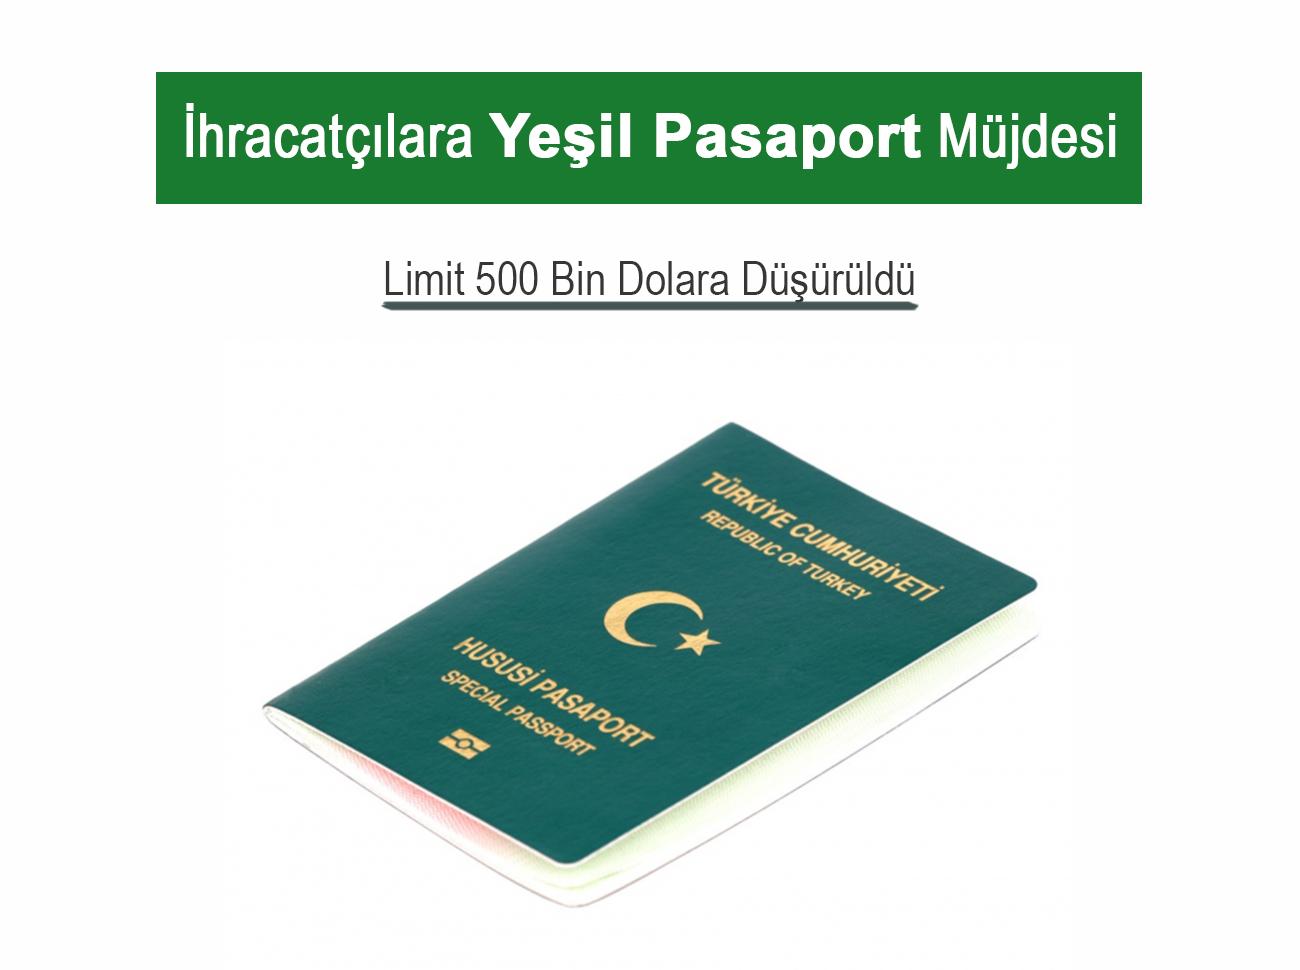 Yeşil Pasaport İçin İhracat Limiti